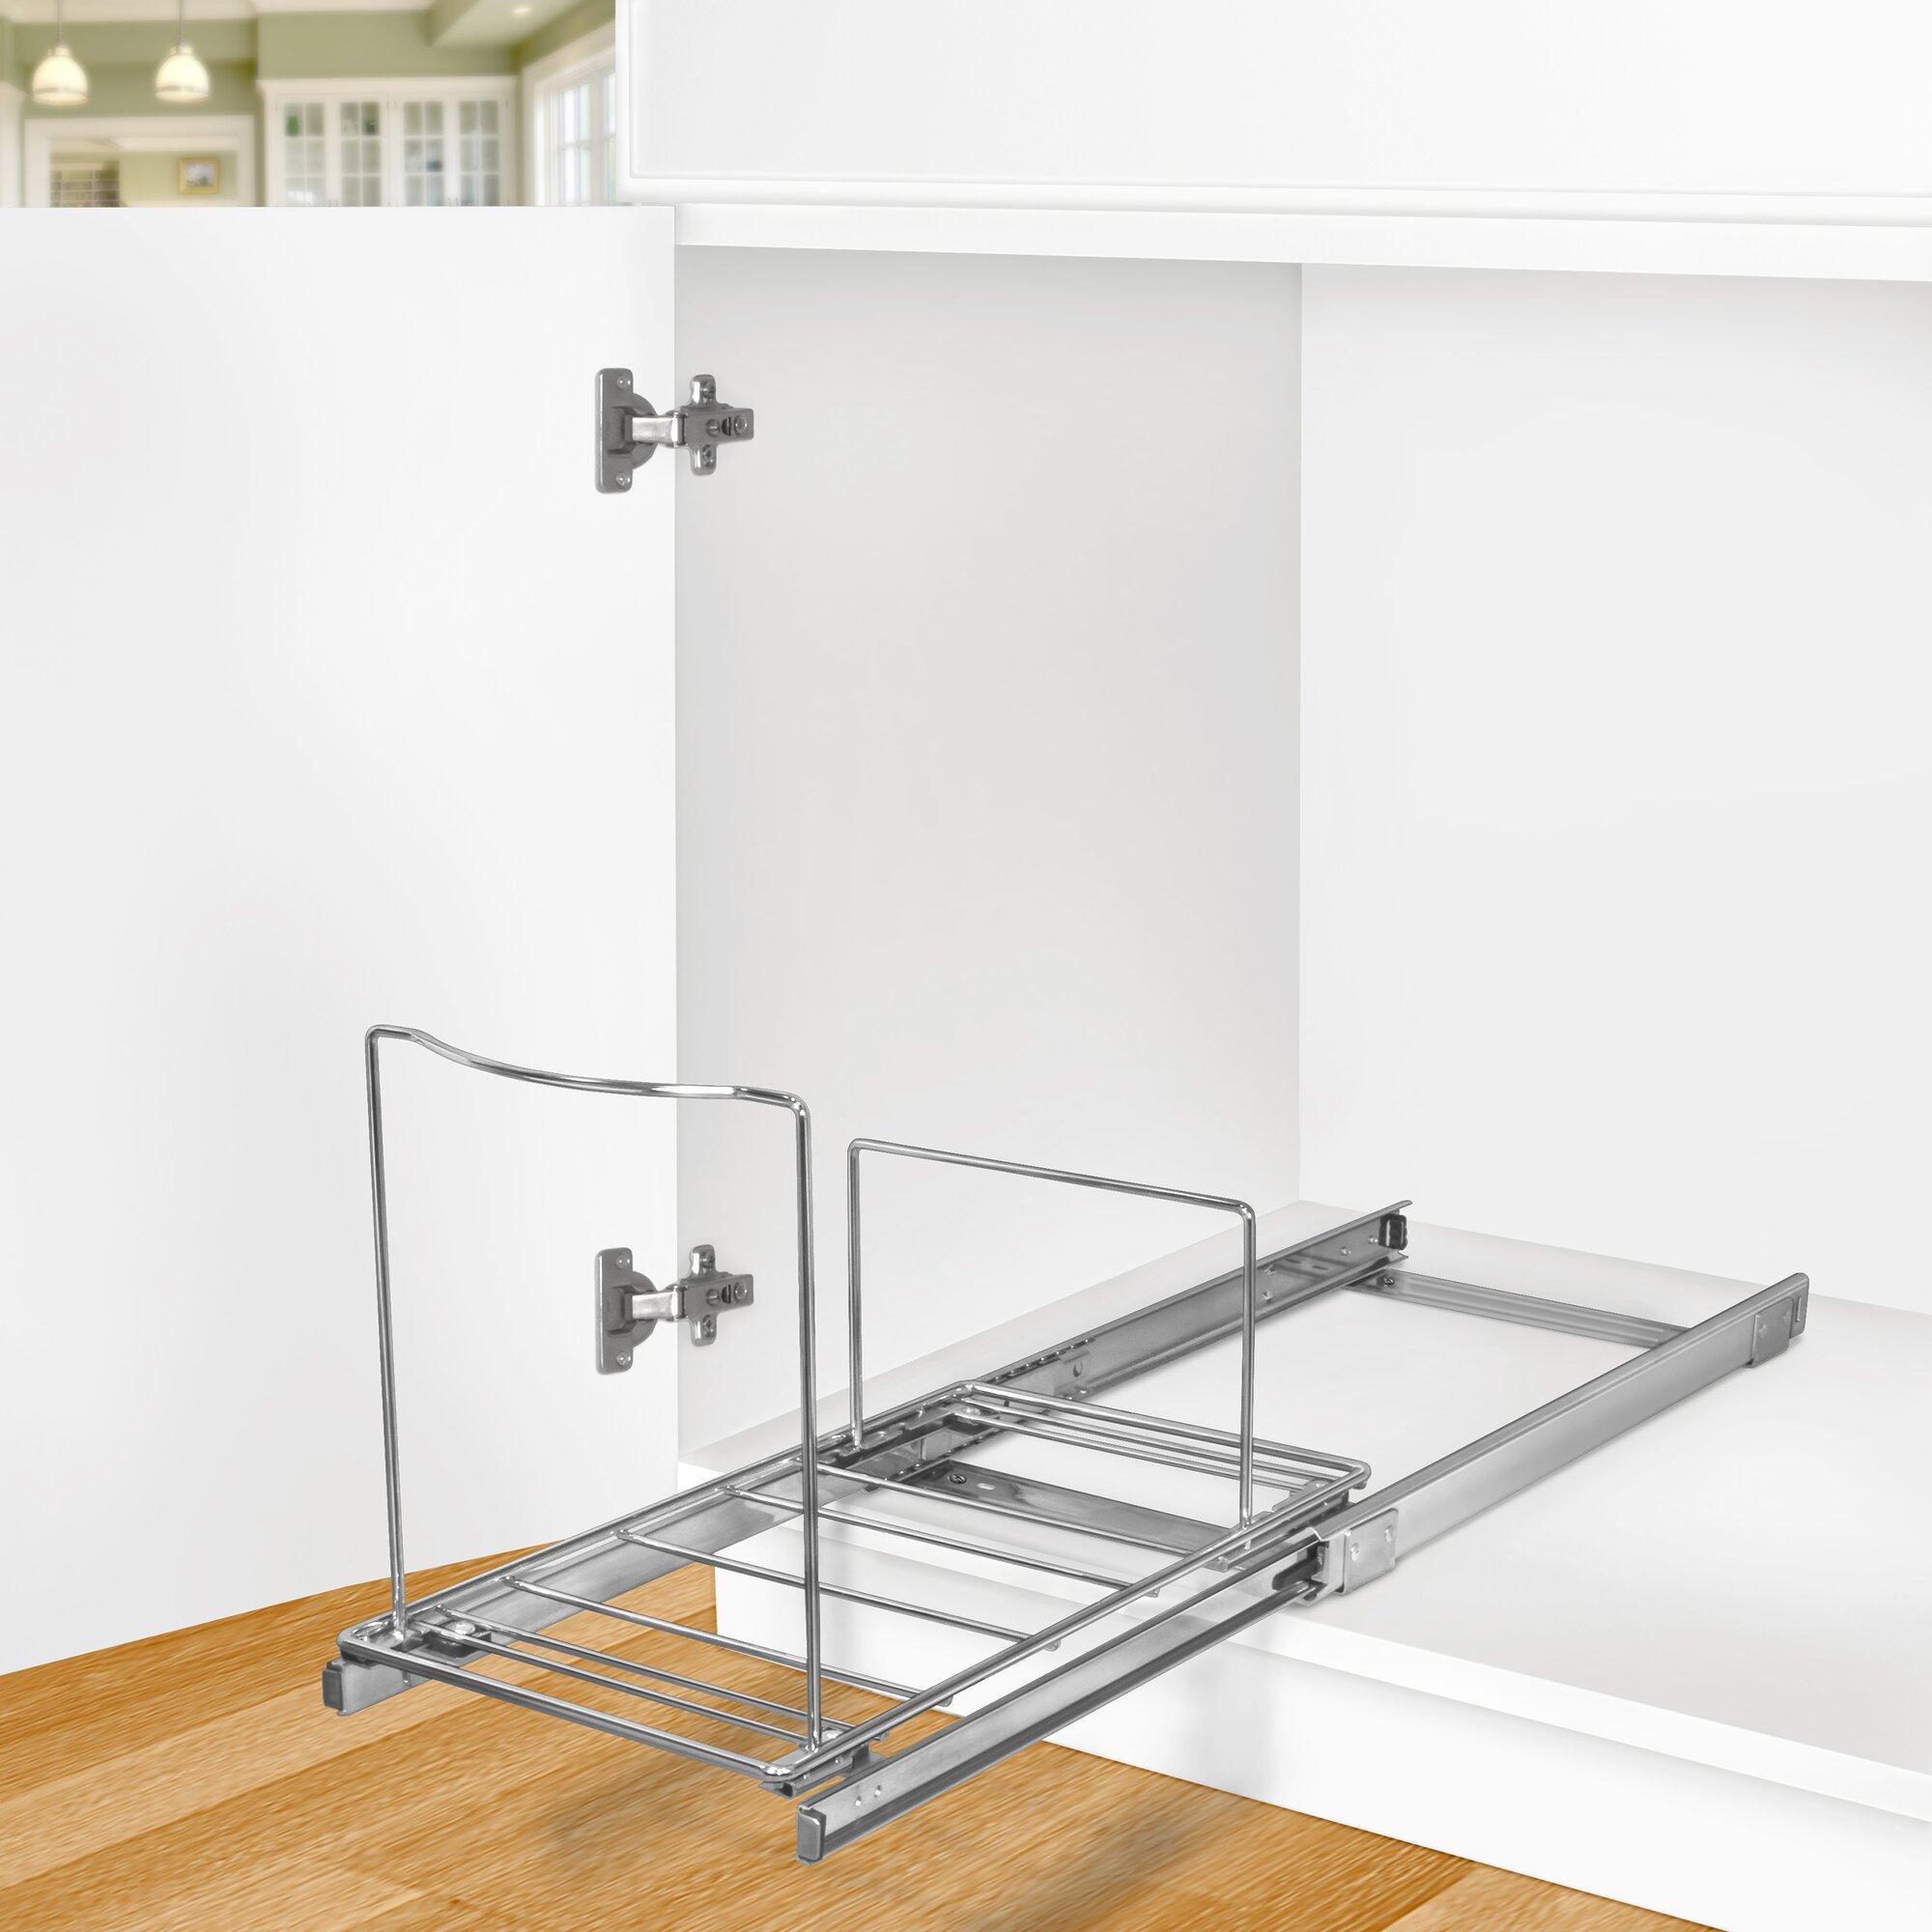 New Cabinet Organizer Sliding Kitchen Under Storage Drawer: Lynk Roll Out Bin Holder